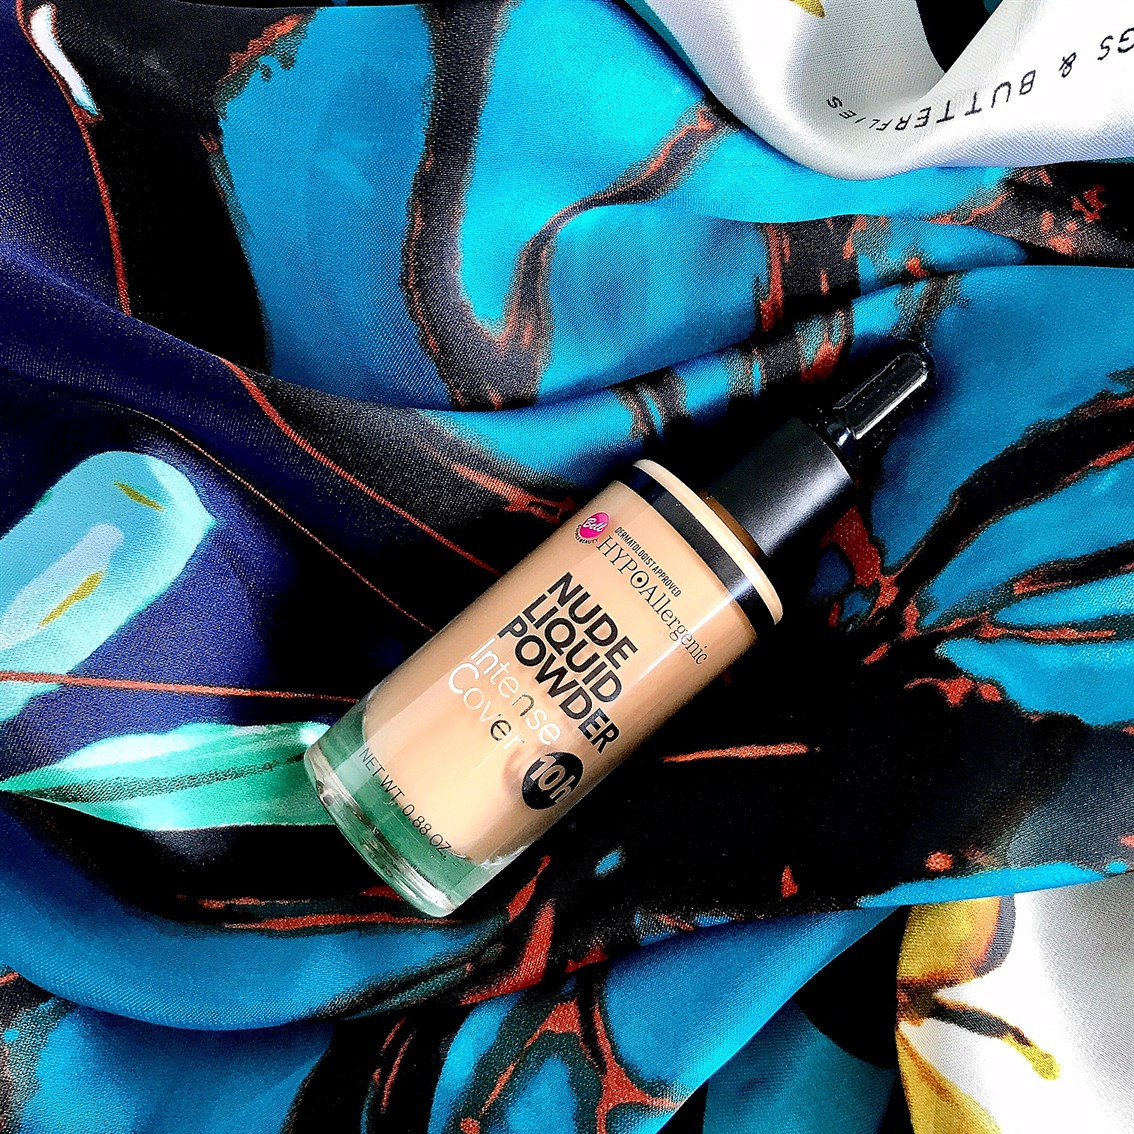 zdjęcie podkładu Bell Nude Liquid Powder 04